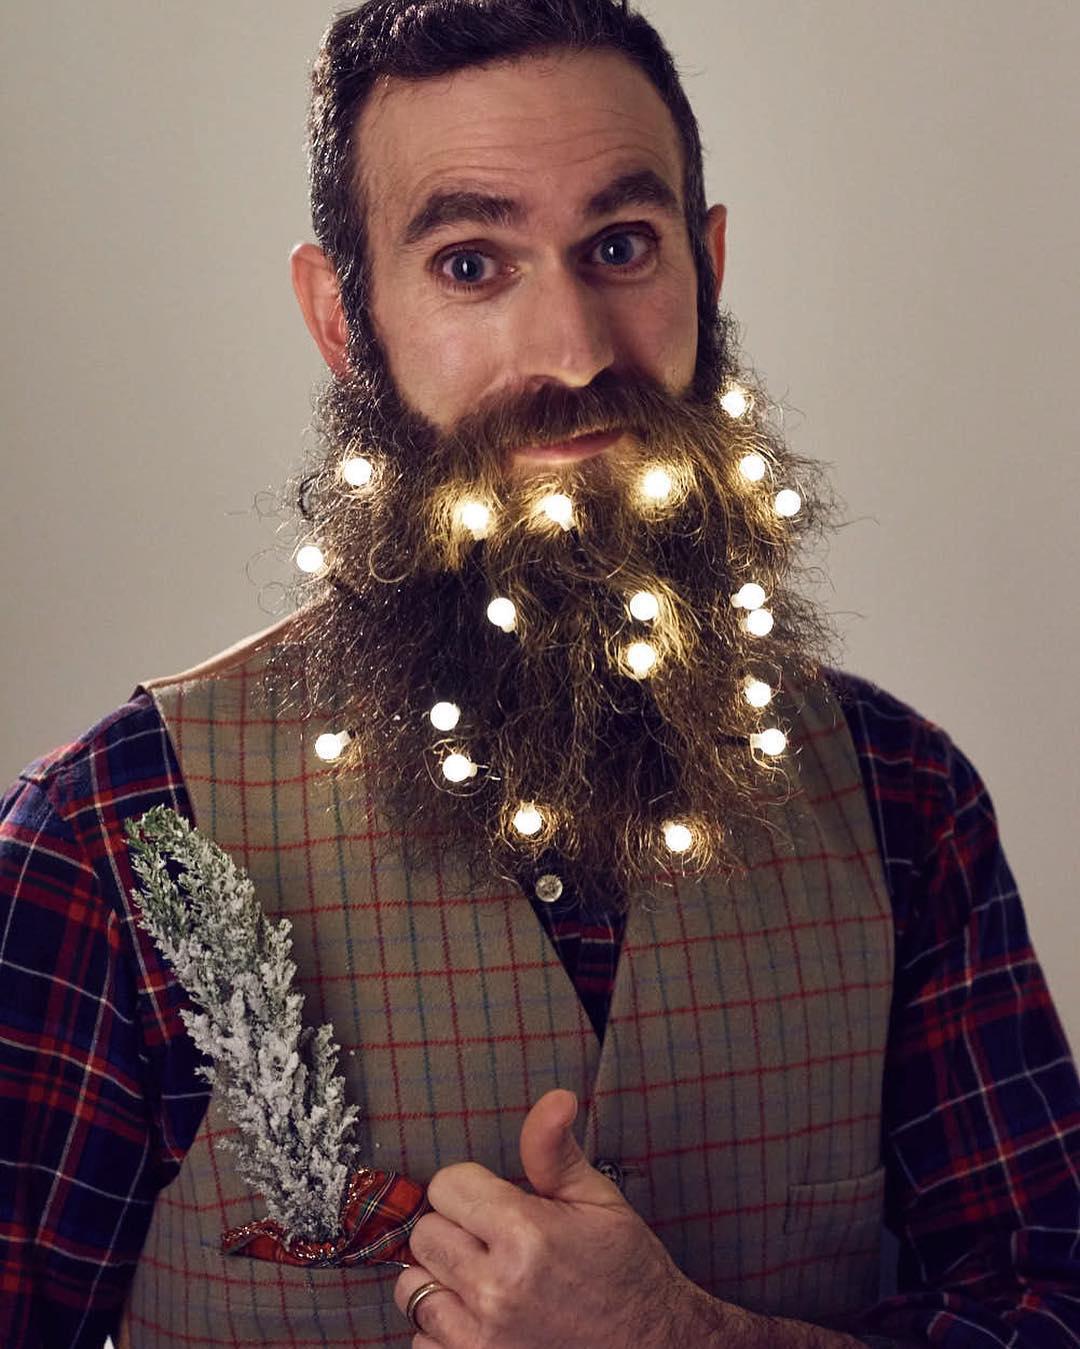 мужчина с включенной гирляндой в бороде